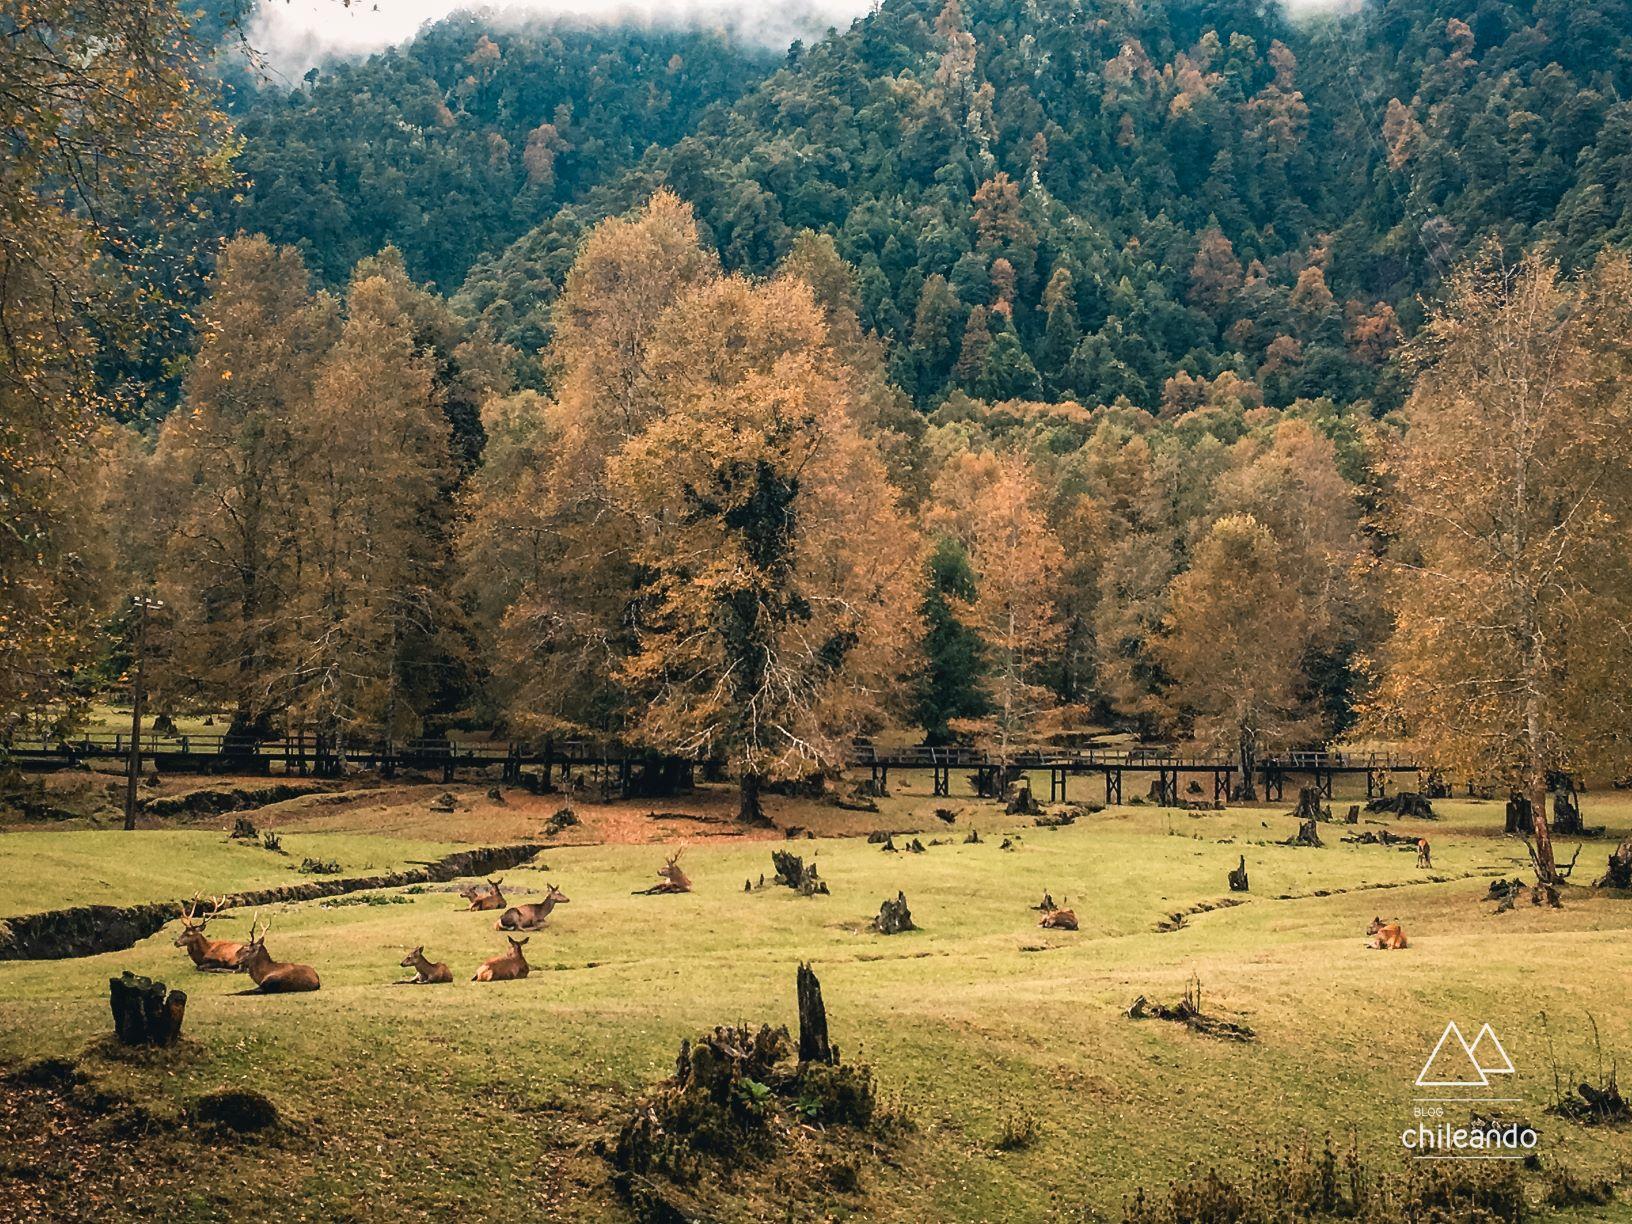 Área dos veados selvagens